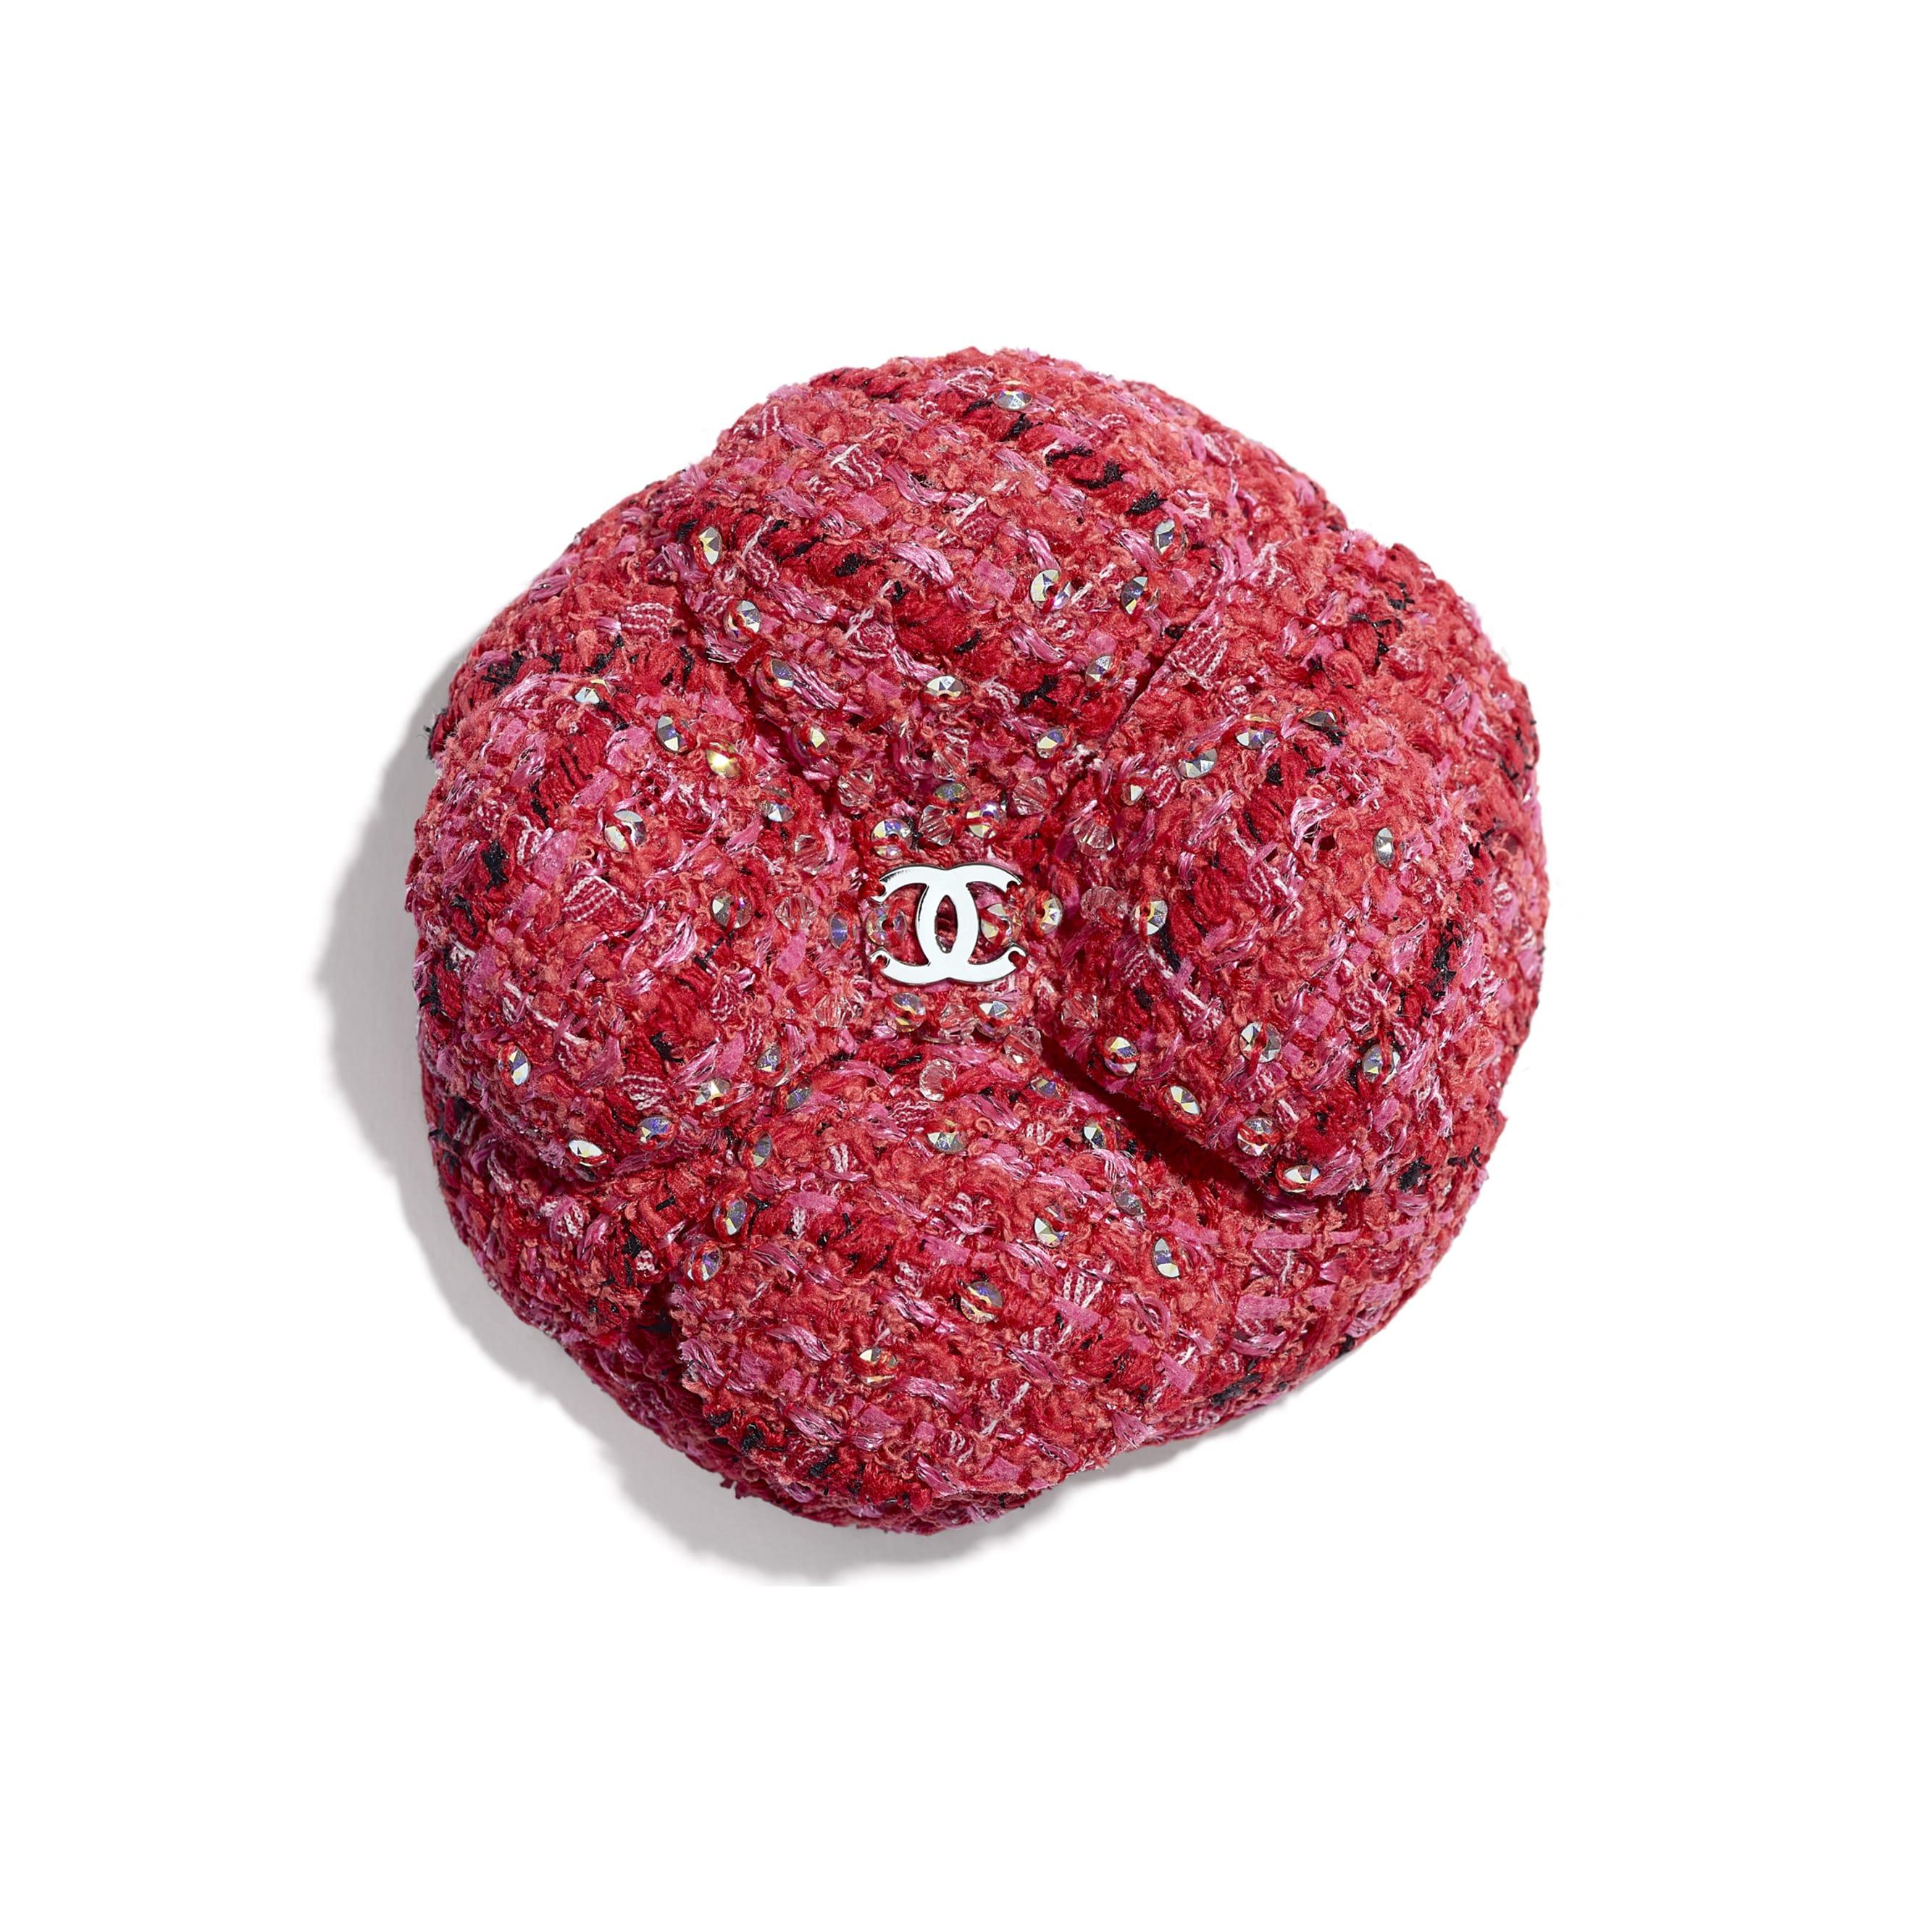 ดอกคามิลเลีย - สีแดง, สีน้ำตาลอ่อน และสีดำ - ผ้าทวีตและคริสตัล - มุมมองปัจจุบัน - ดูเวอร์ชันขนาดมาตรฐาน